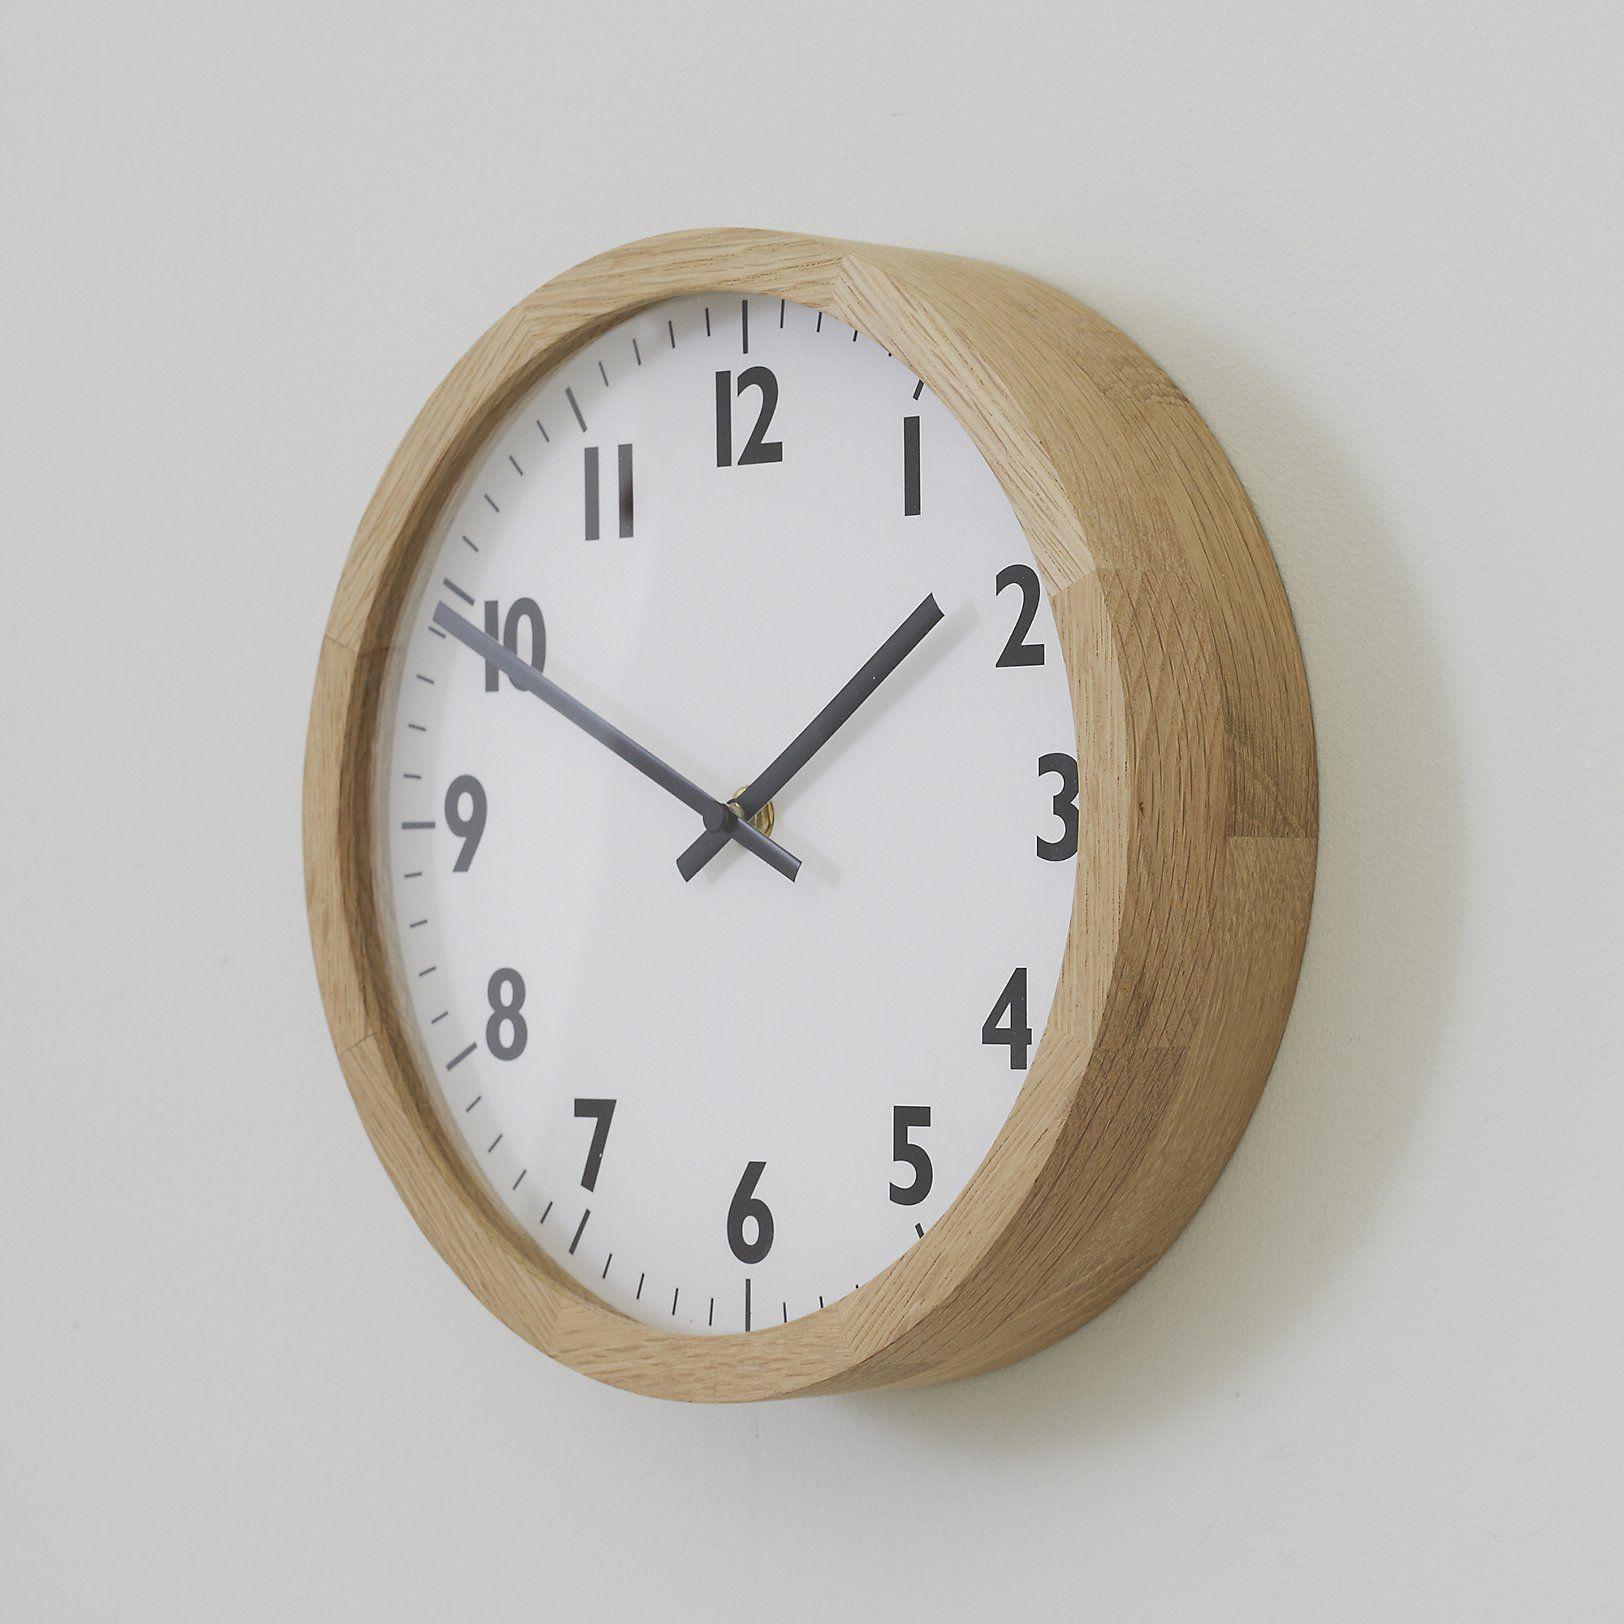 Oak Wall Clock Small Decorative Accessories Home Accessories